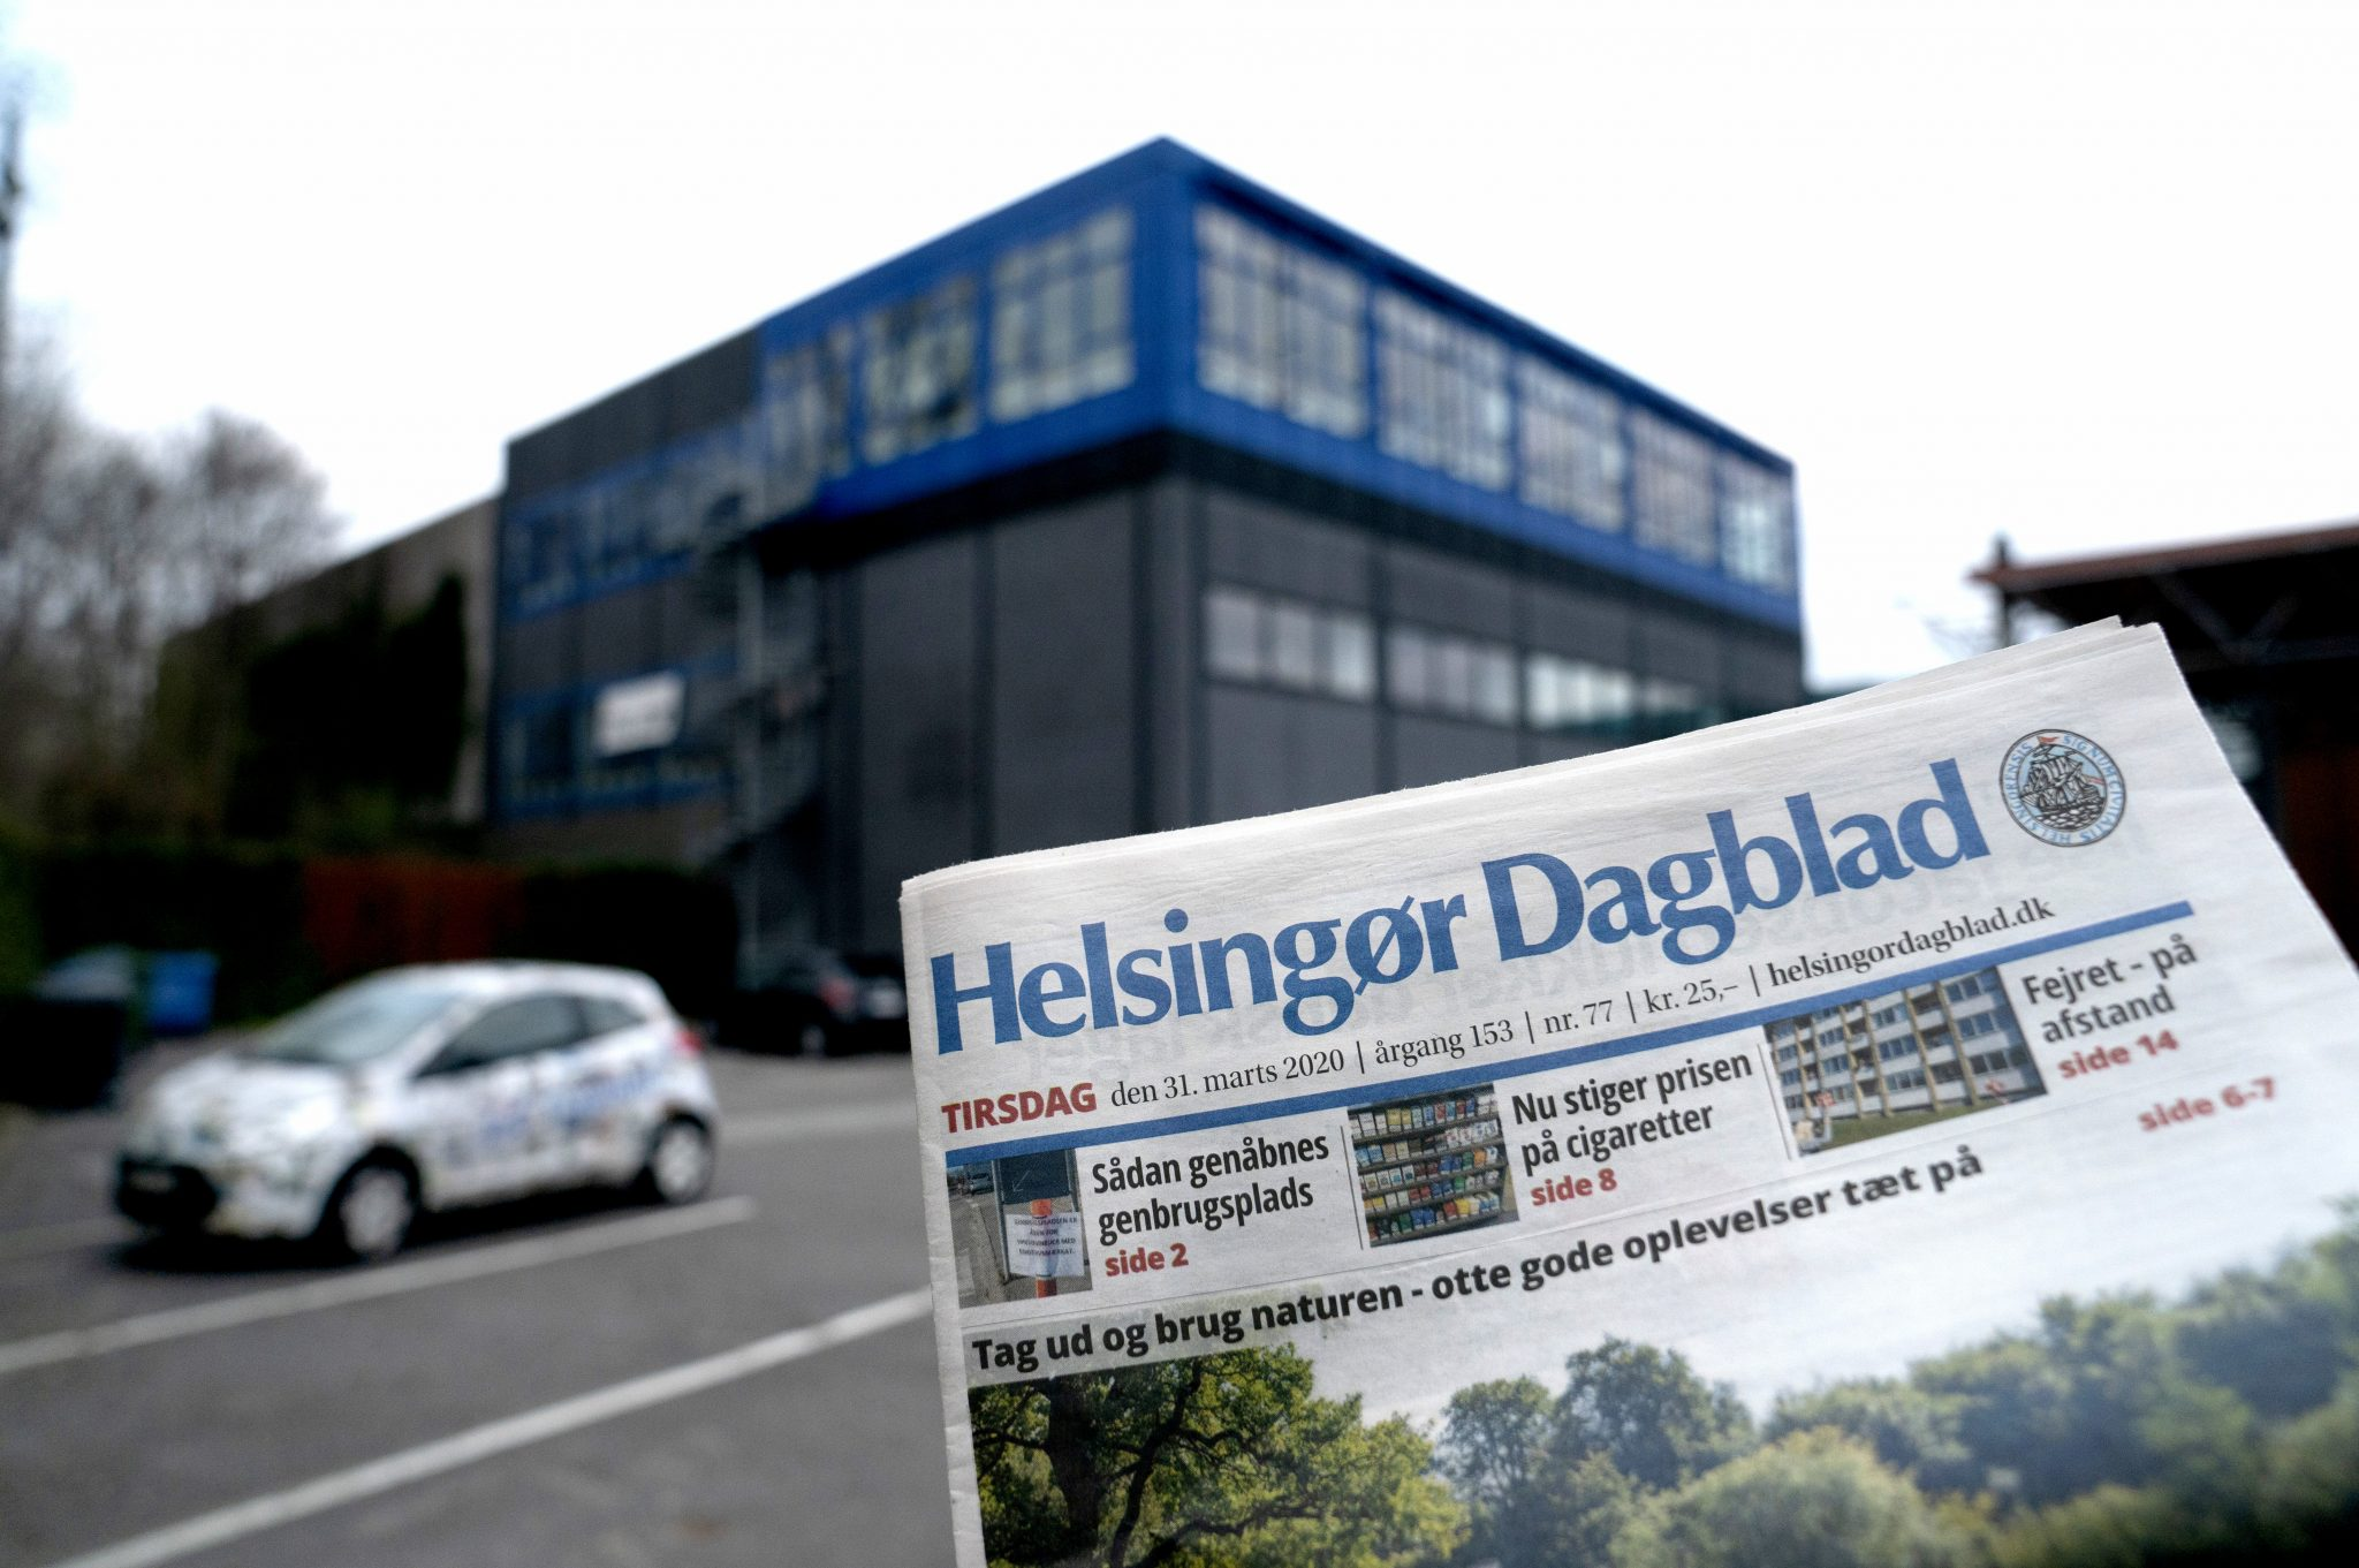 Helsingør Dagblad lukker efter 152 år, hvis ikke der er ny ejer om en måned